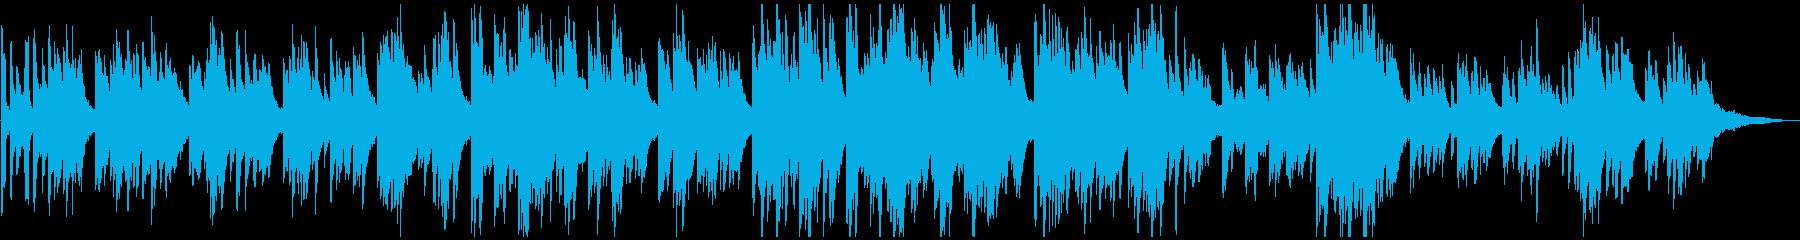 メロディック 明るくポップな ピアノソロの再生済みの波形